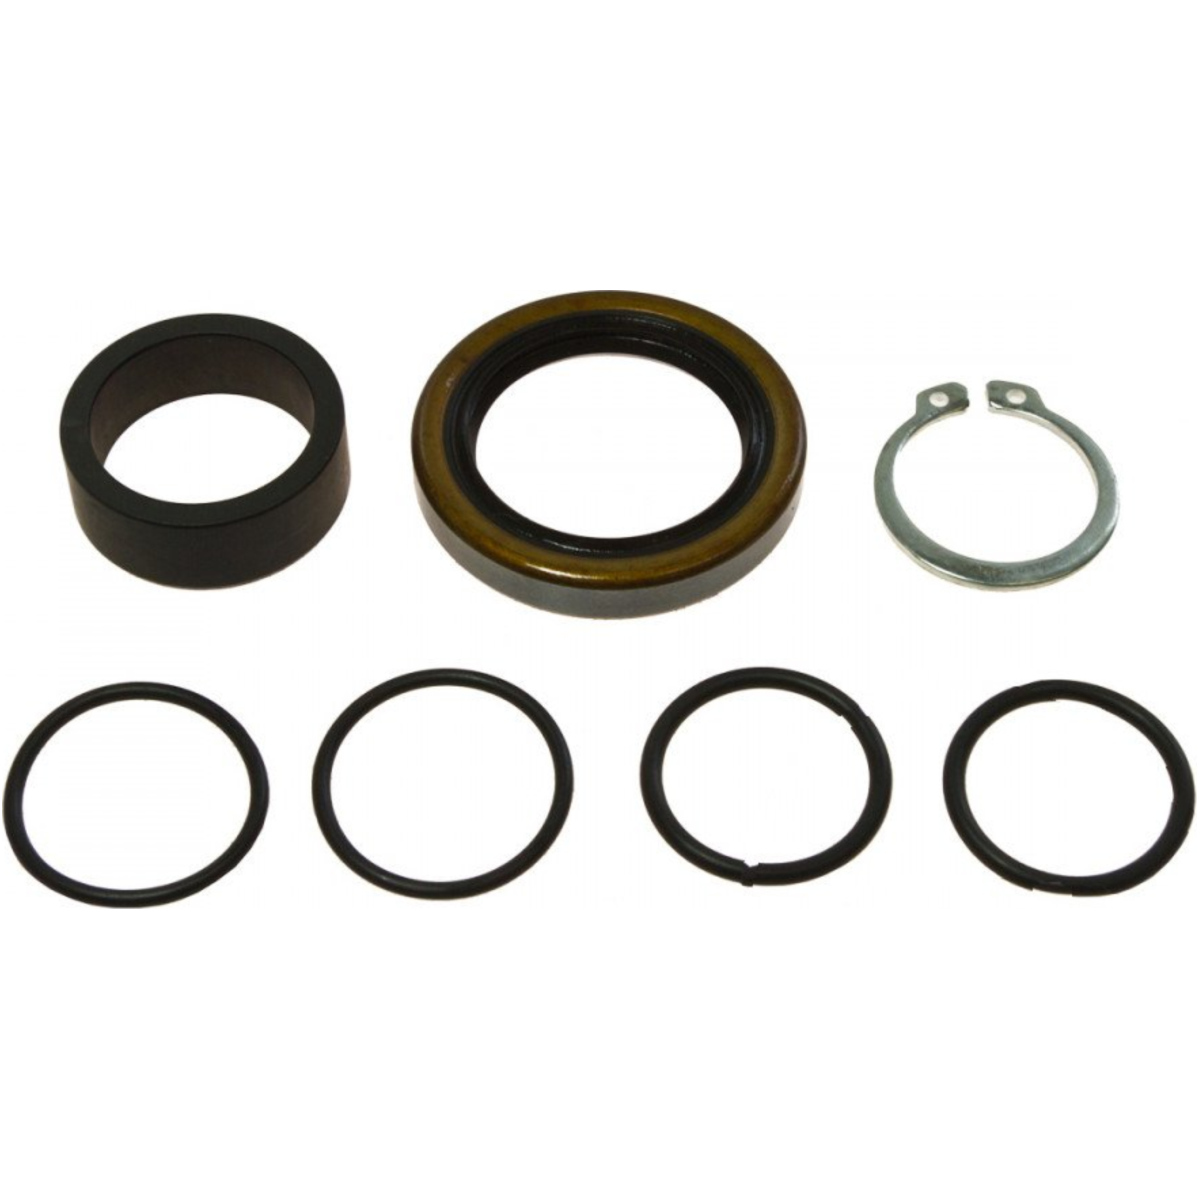 ALL BALLS Reparatursatz für Getriebeausgangswellen f Husaberg FE 390 E 25-4001